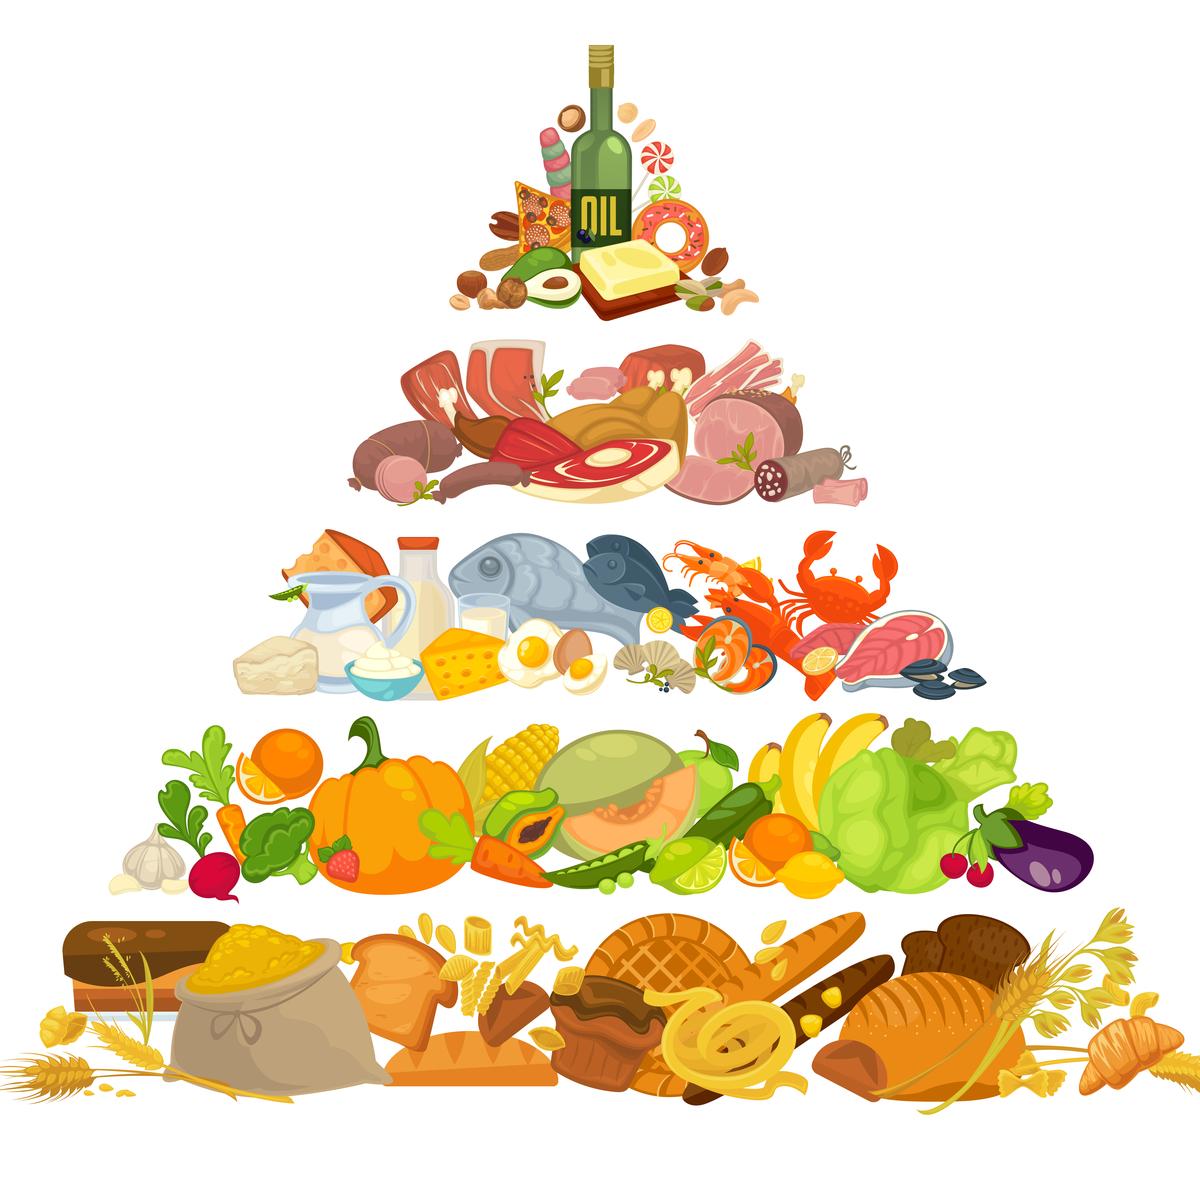 Baza piramidei alimentaţiei sănătoase o reprezintă, oricum, alimentele de origine vegetală. Adică legume, zarzavaturi, fructe, cereale preponderent integrale, uleiuri vegetale, seminţe şi fructe oleaginoase.